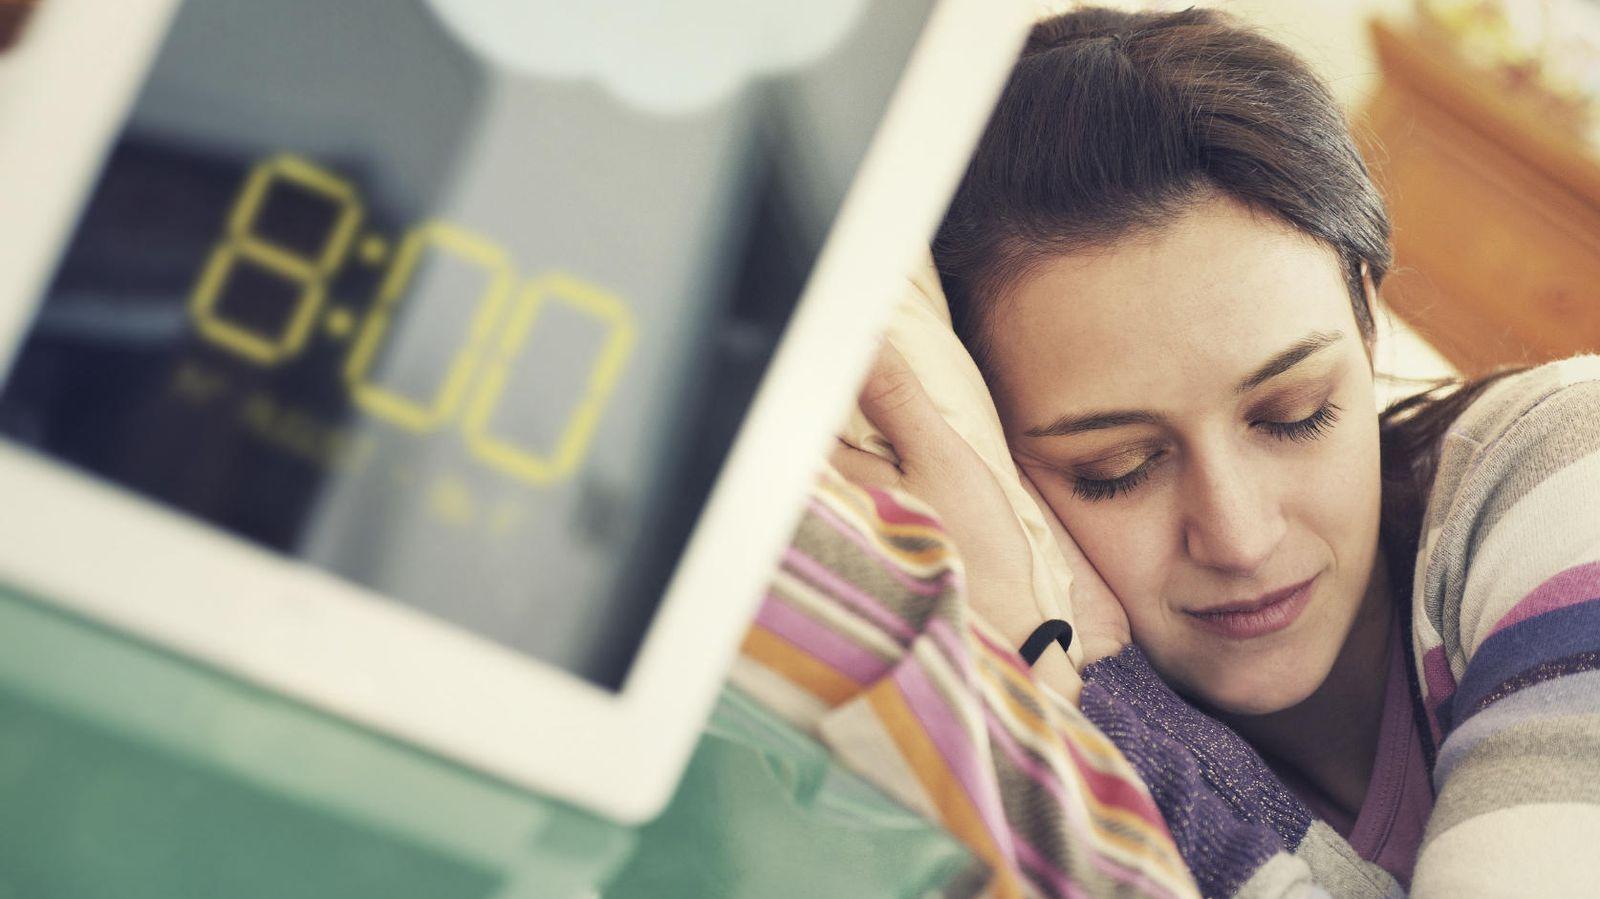 Foto: '¡Pi-pi-pi-pi!' Llegó la hora. Apaga el despertador y empieza a hacer todas estas cosas para que tu día vaya como la seda. (iStock)